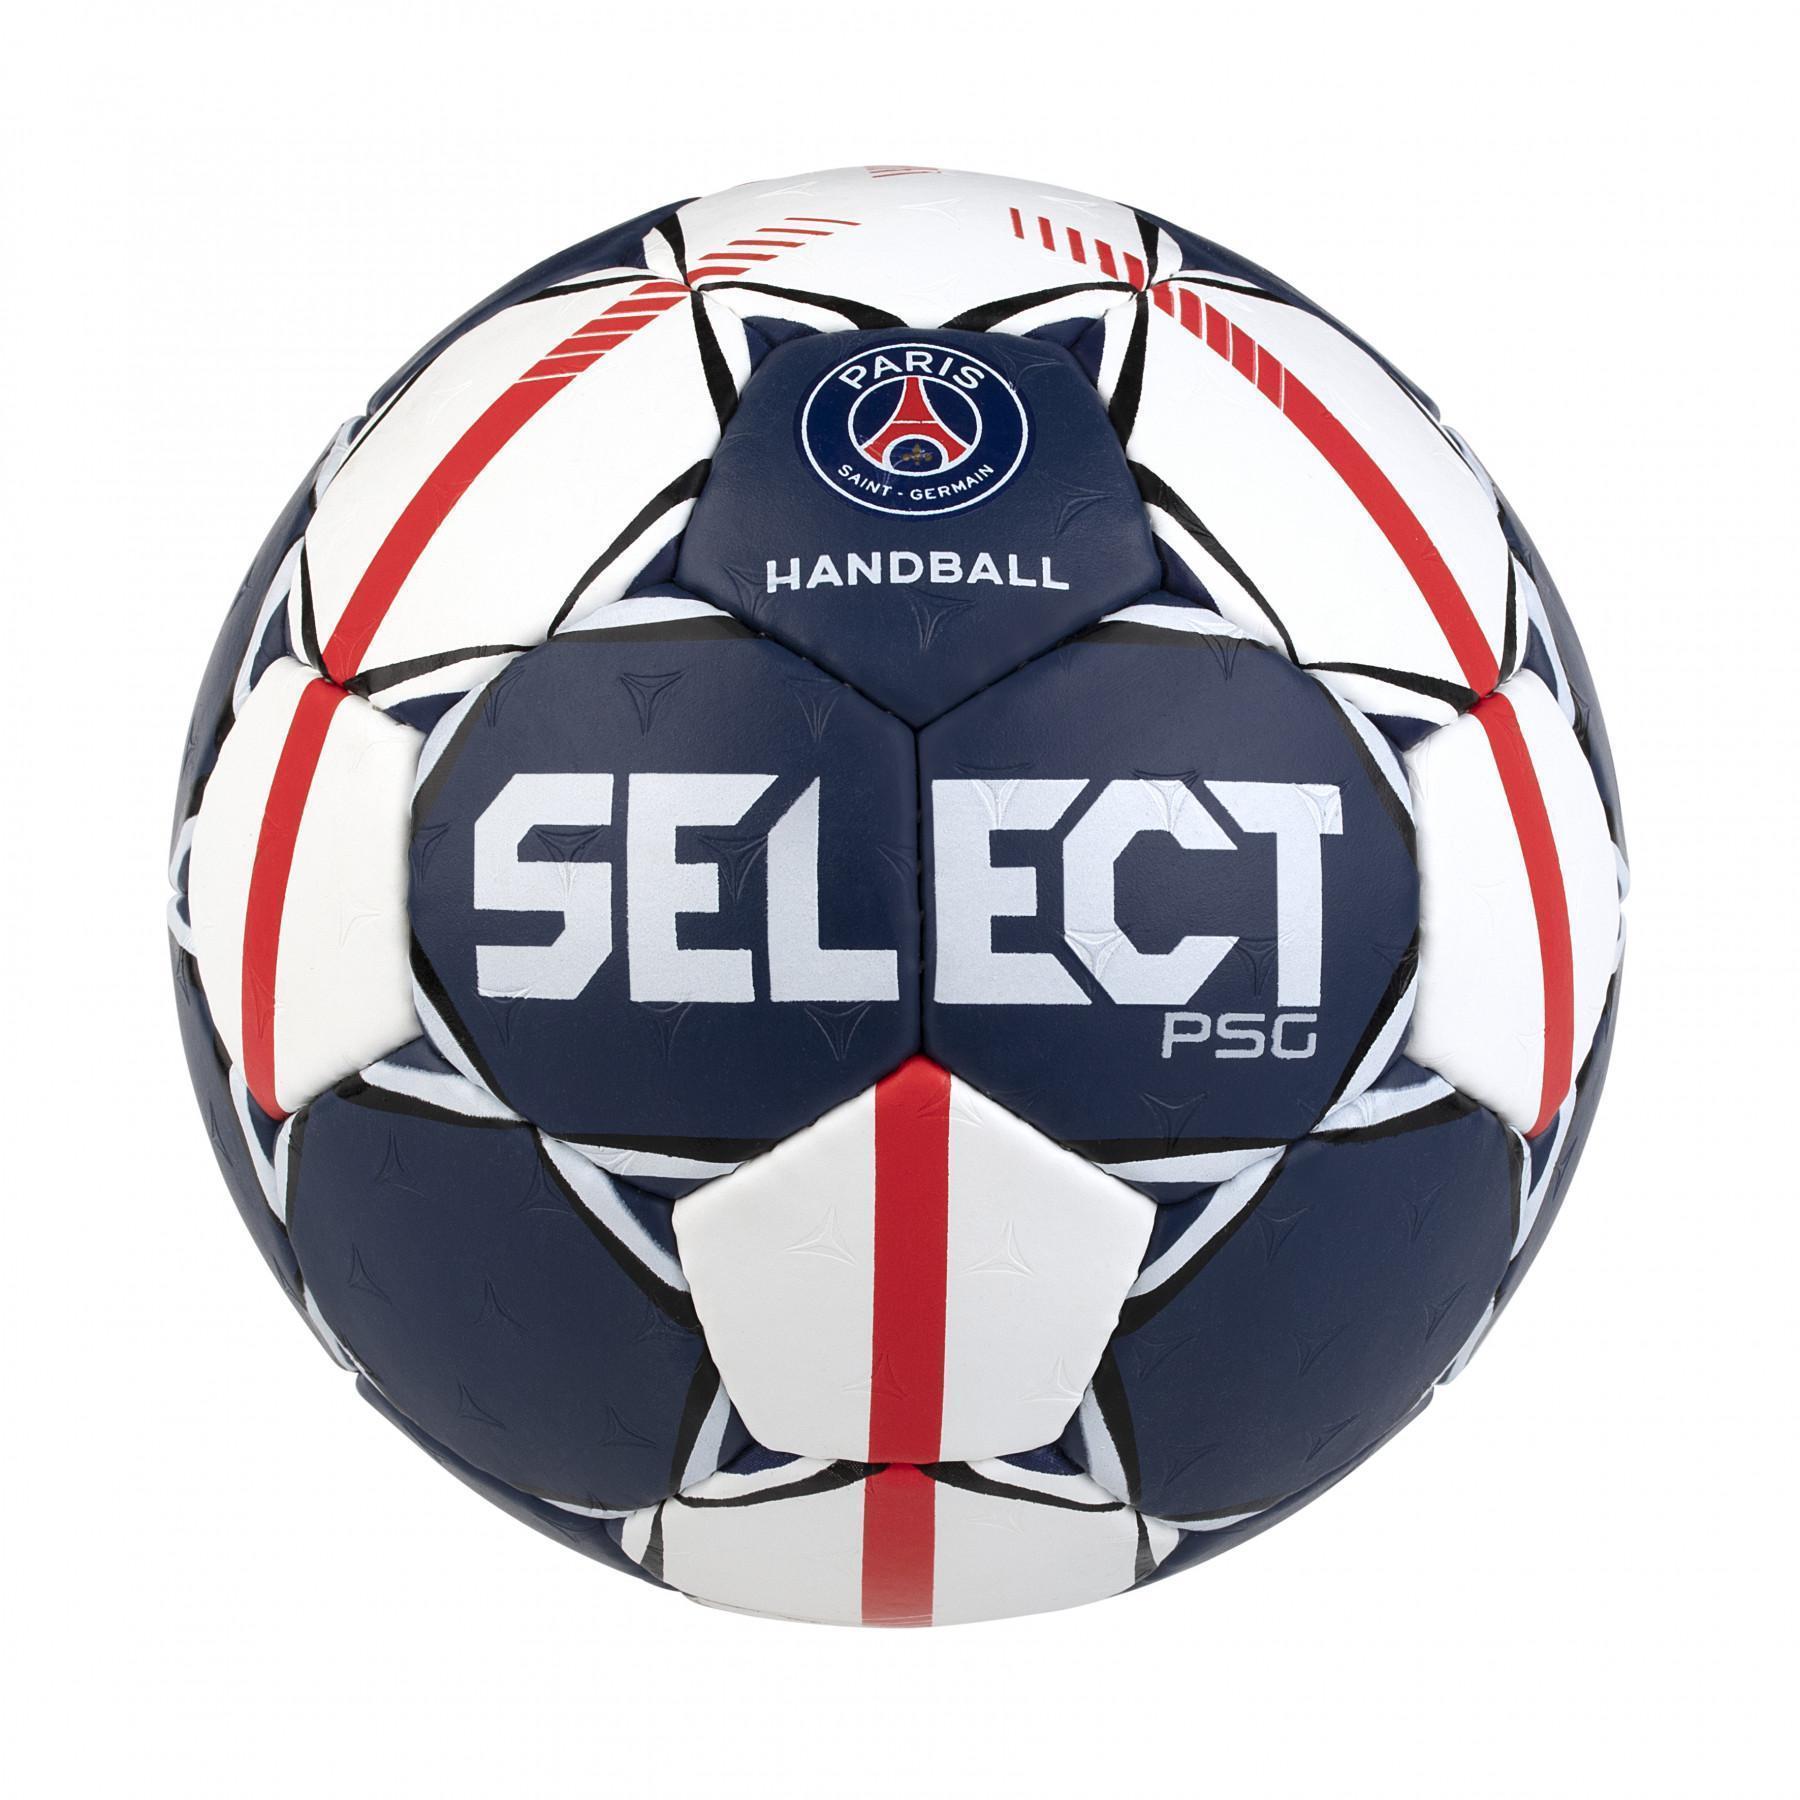 Handball Select PSG 2020/2021